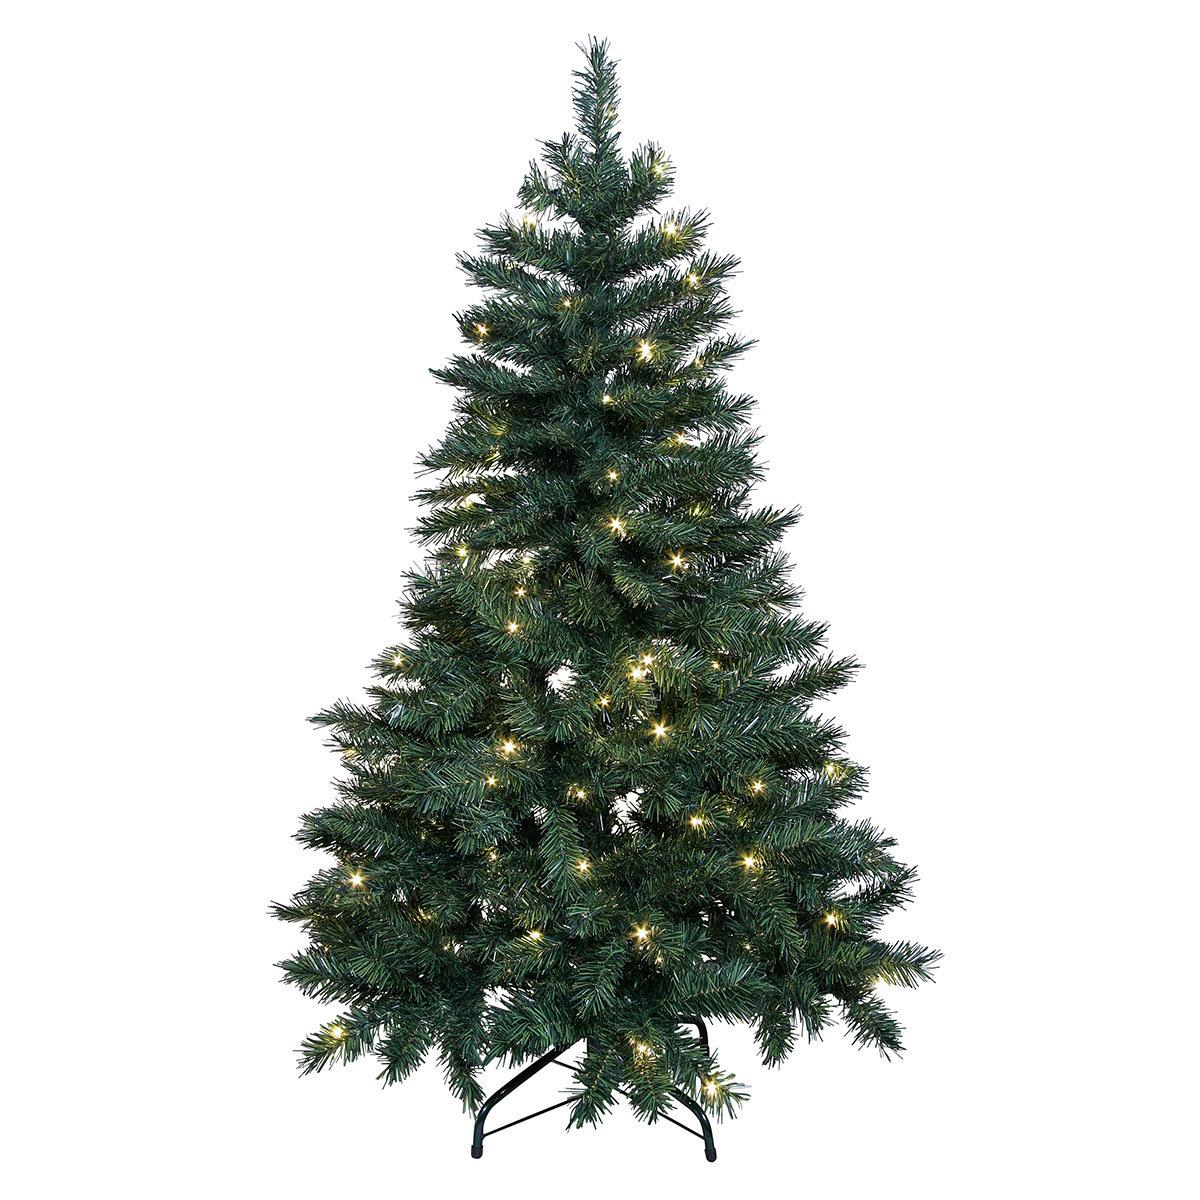 Kunstlicher Led Aussen Weihnachtsbaum Grune Pracht Klein Online